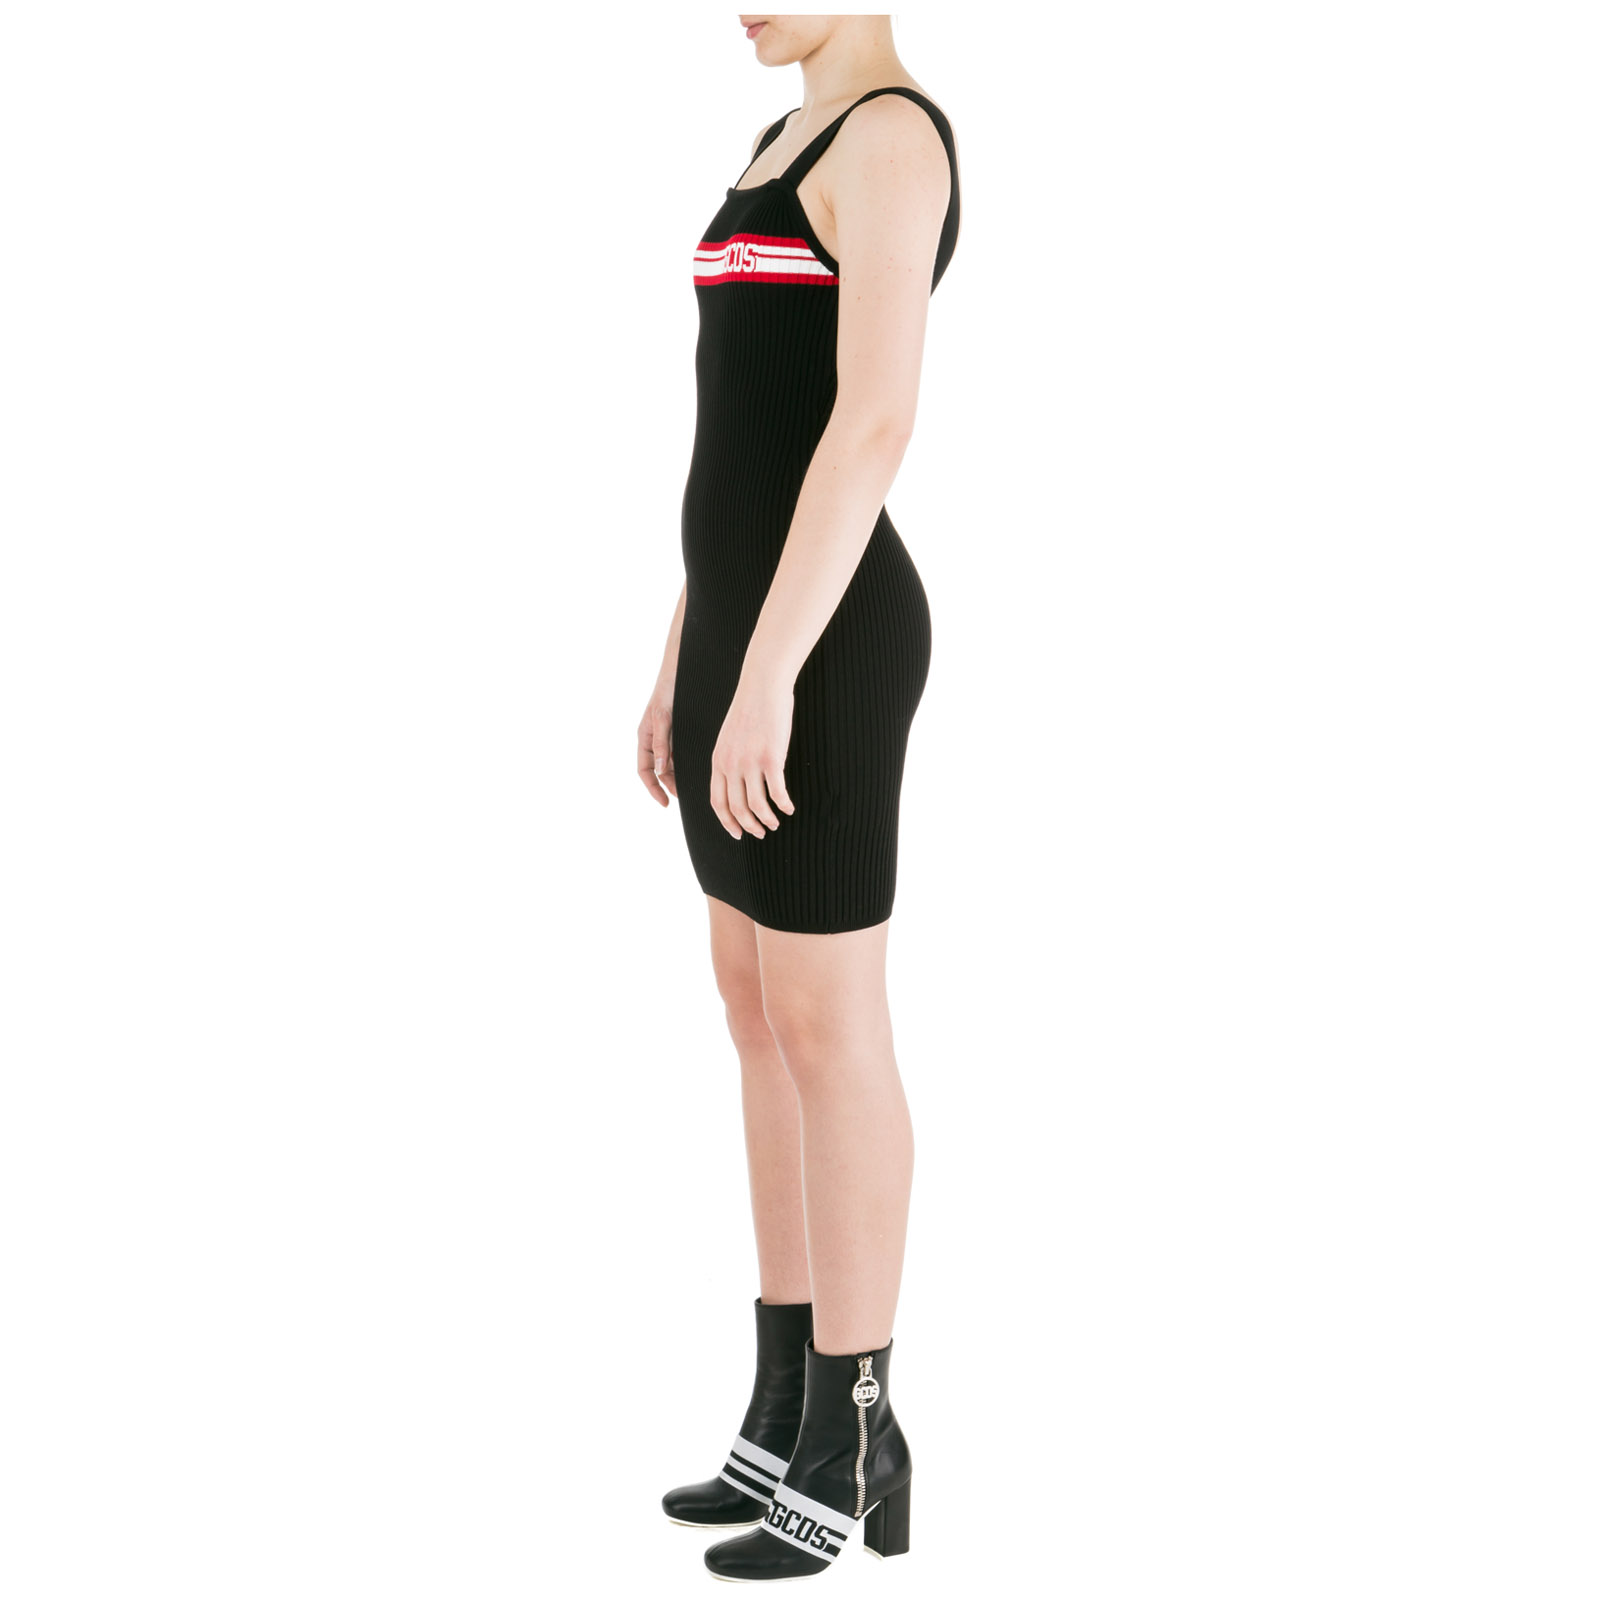 a6308da81e6d ... Vestito abito donna corto miniabito senza maniche